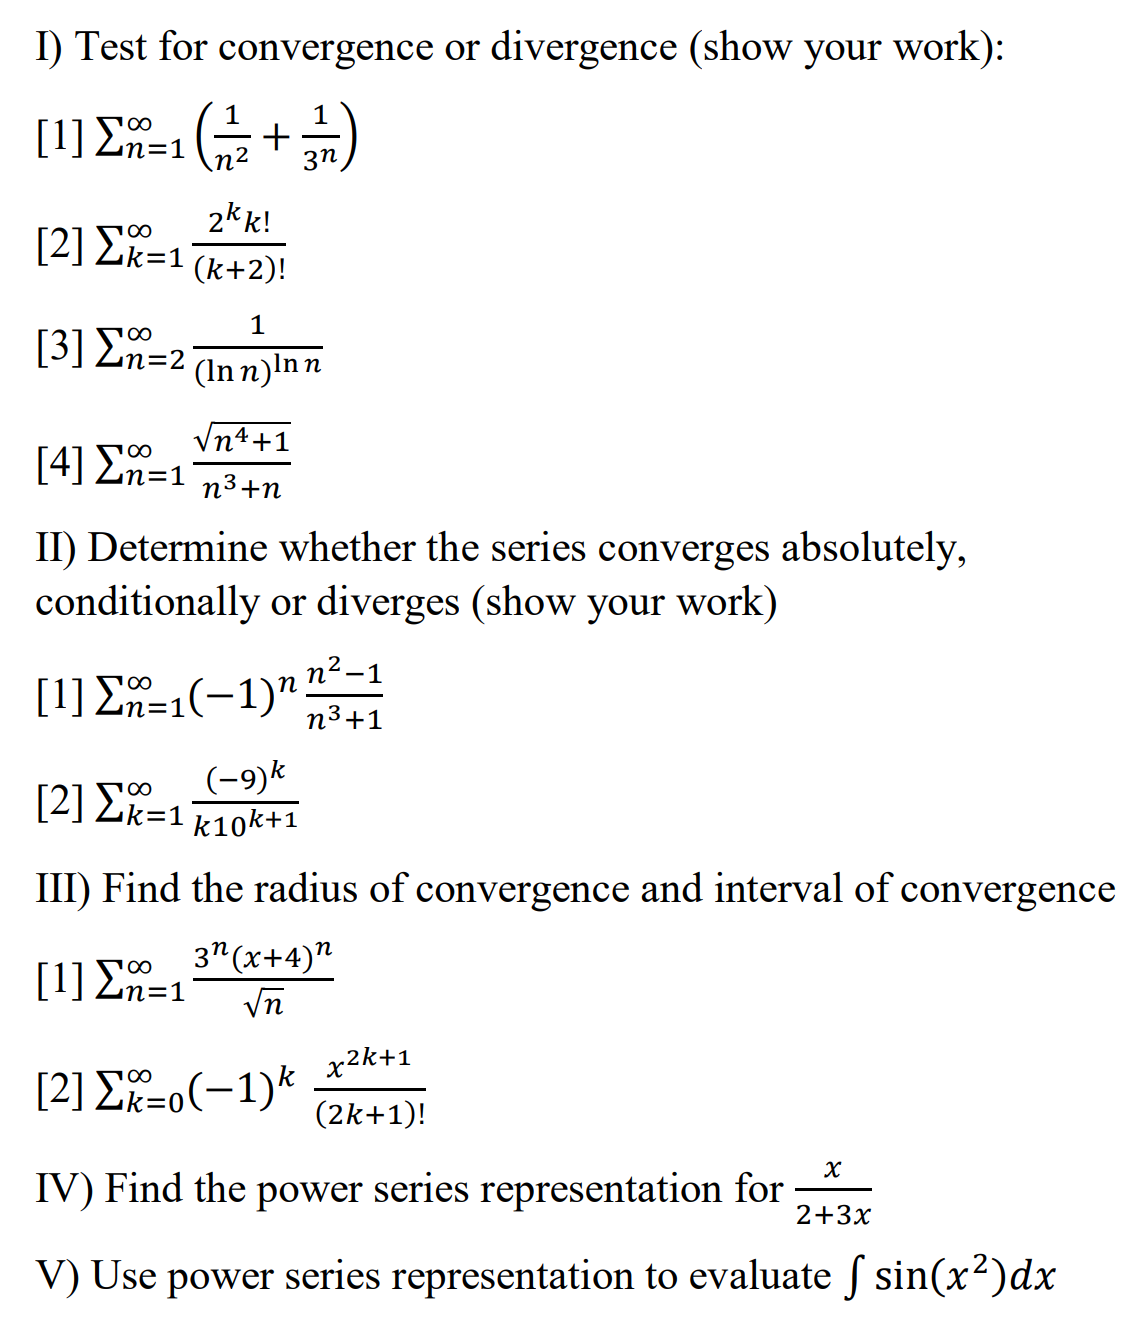 I) Test for convergence or divergence (show your work): [1] =1672 + 3) + 2k k! [2] {k=1 (k+2)! 1 [3] An-2 (Inn)lnn Vn4+1 [4]